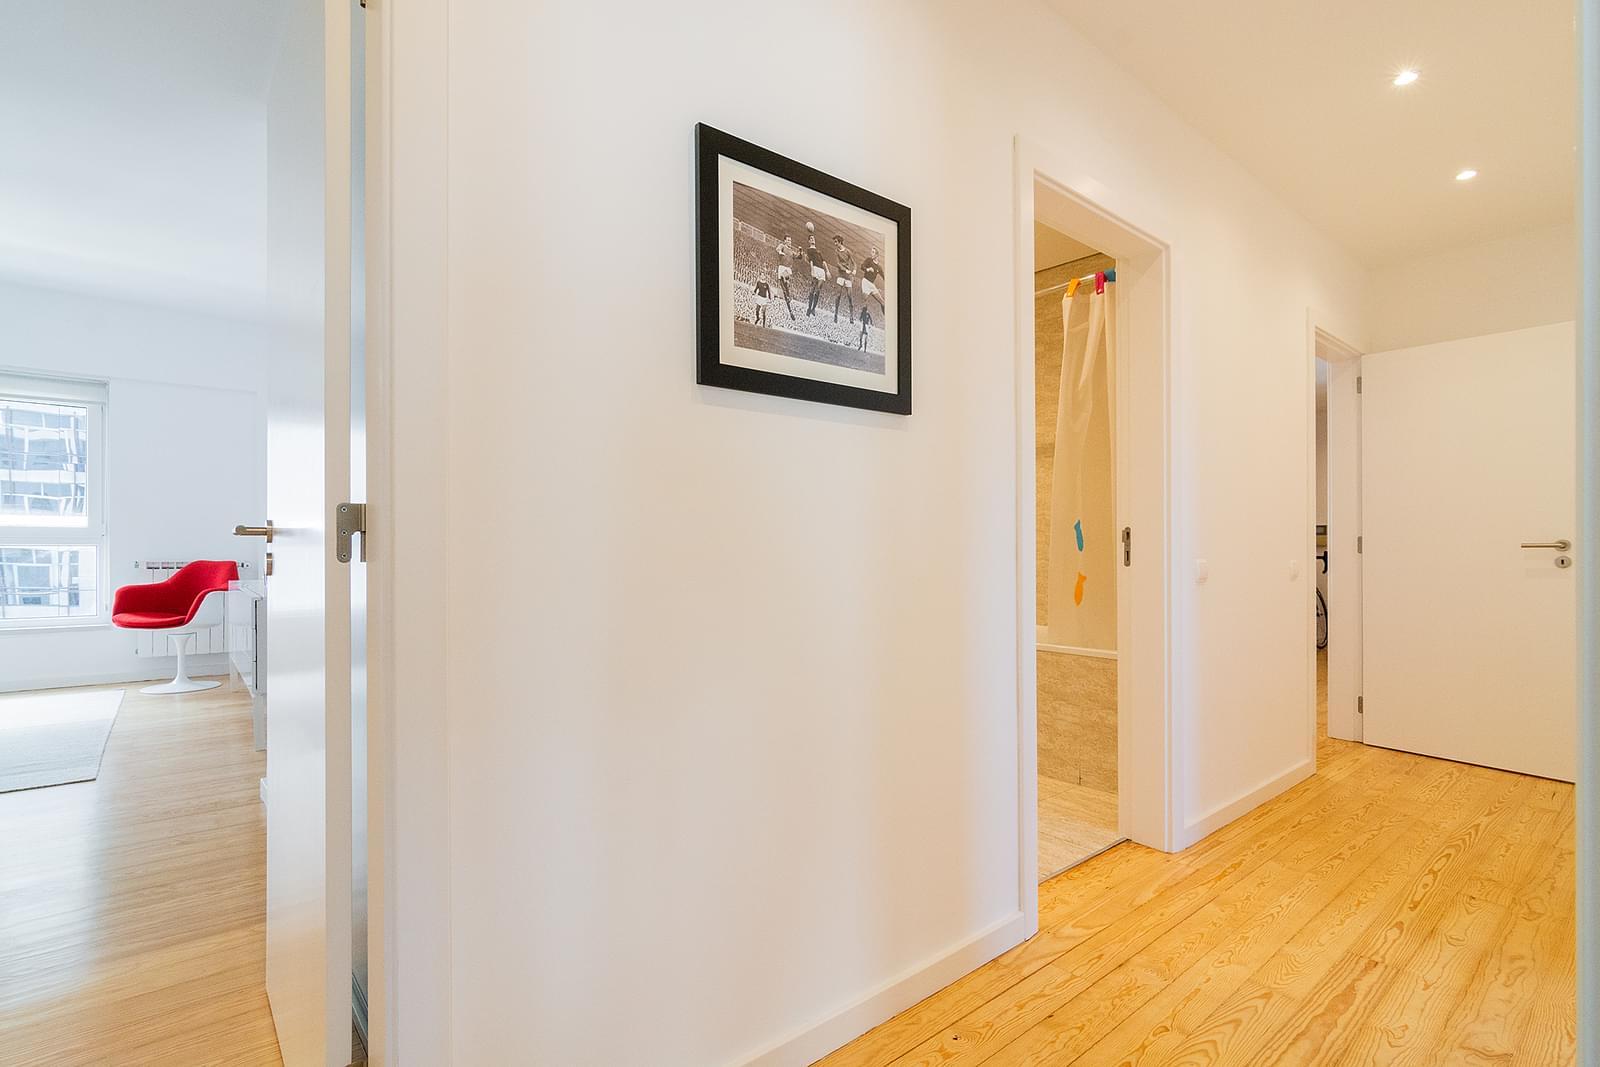 pf14147-apartamento-t3-lisboa-8bdbfab8-bbe1-498b-94d5-dfd9731744a7